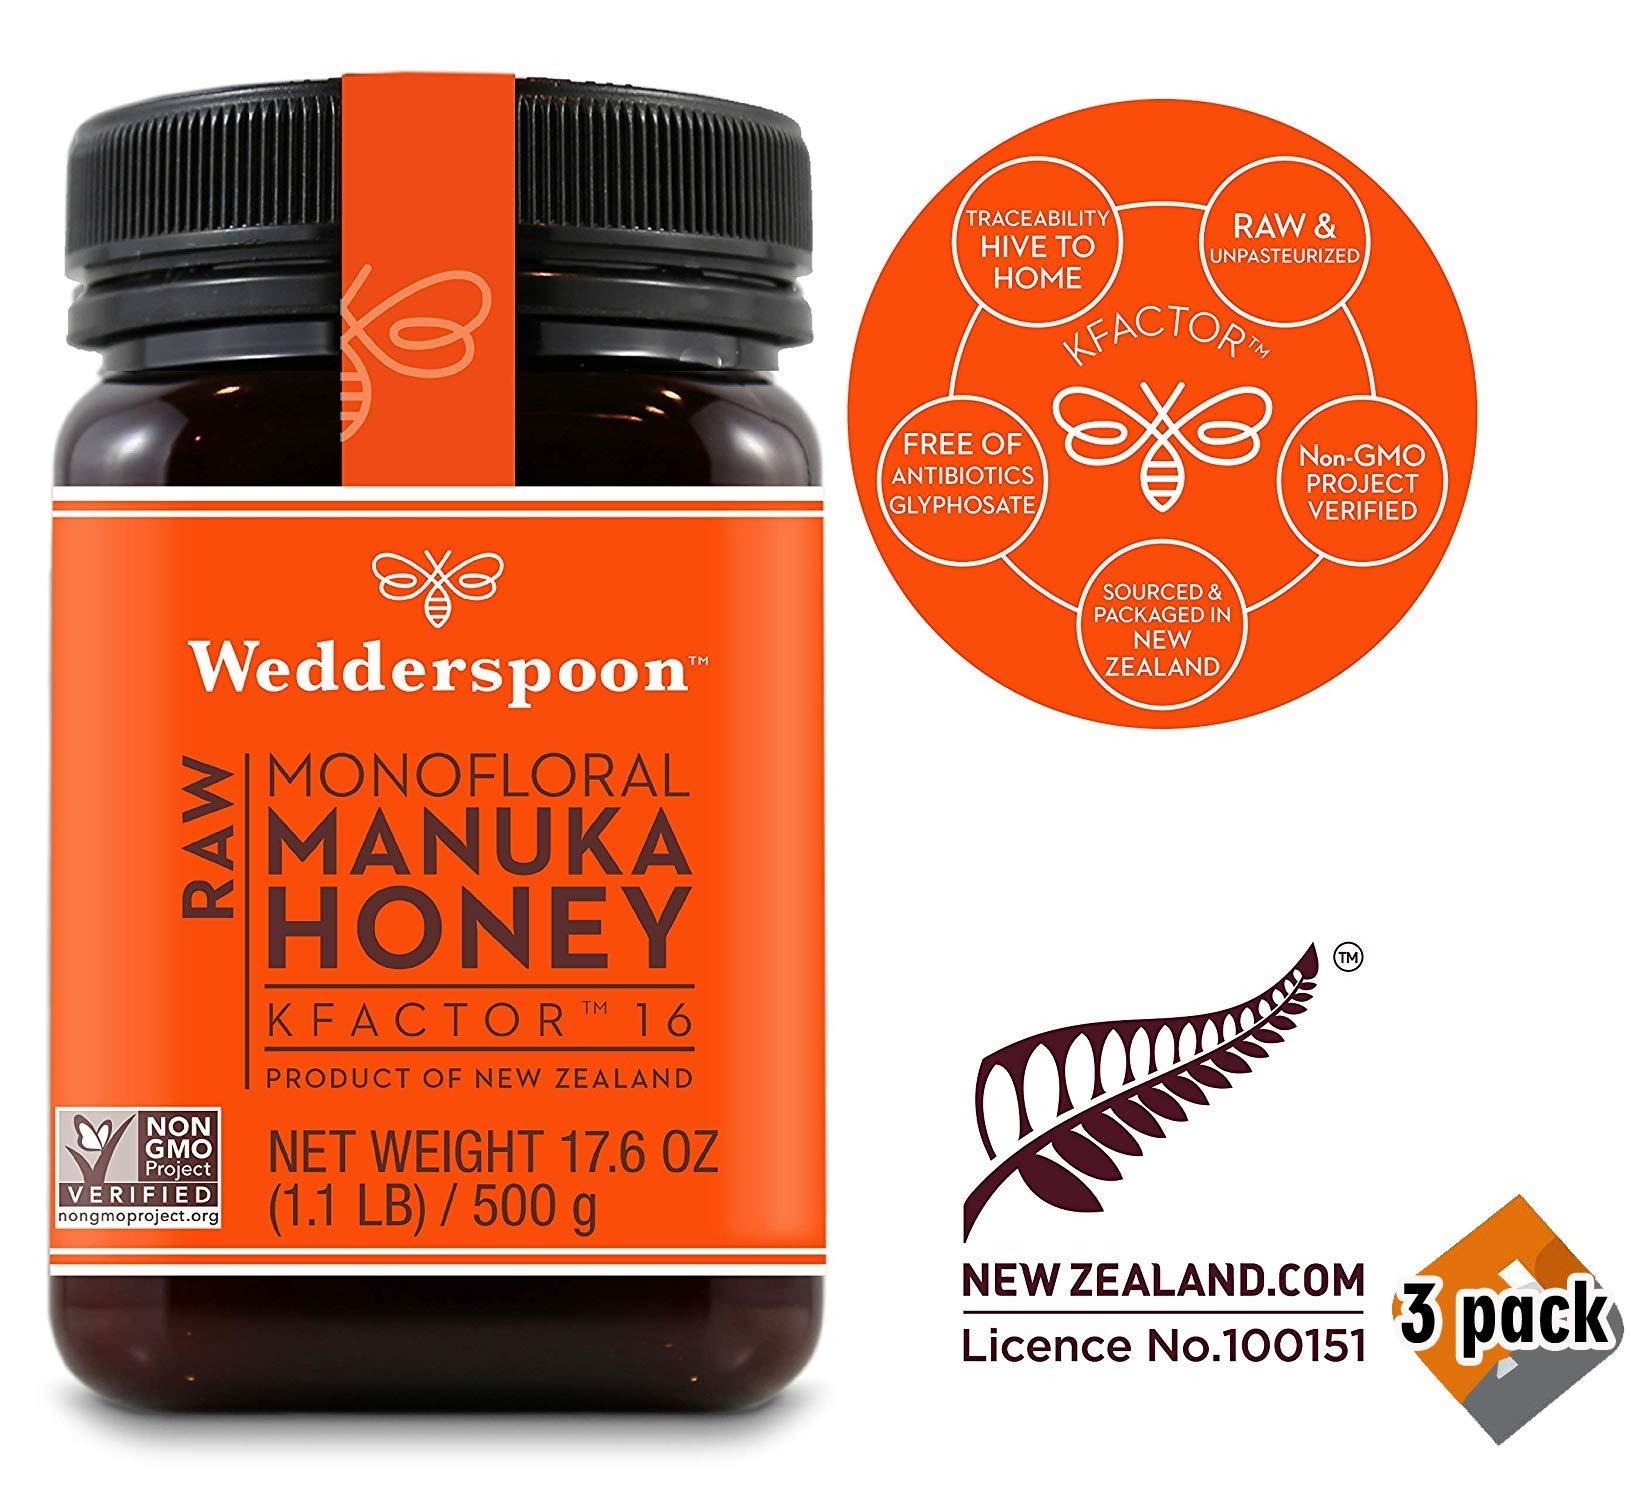 Wedderspoon Raw Premium Manuka Honey KFactor 16, 17.6 Oz, Unpasteurized, Genuine New Zealand Honey, Multi-Functional, Non-GMO Superfood, 3 Pack by Wedderspoon (Image #1)